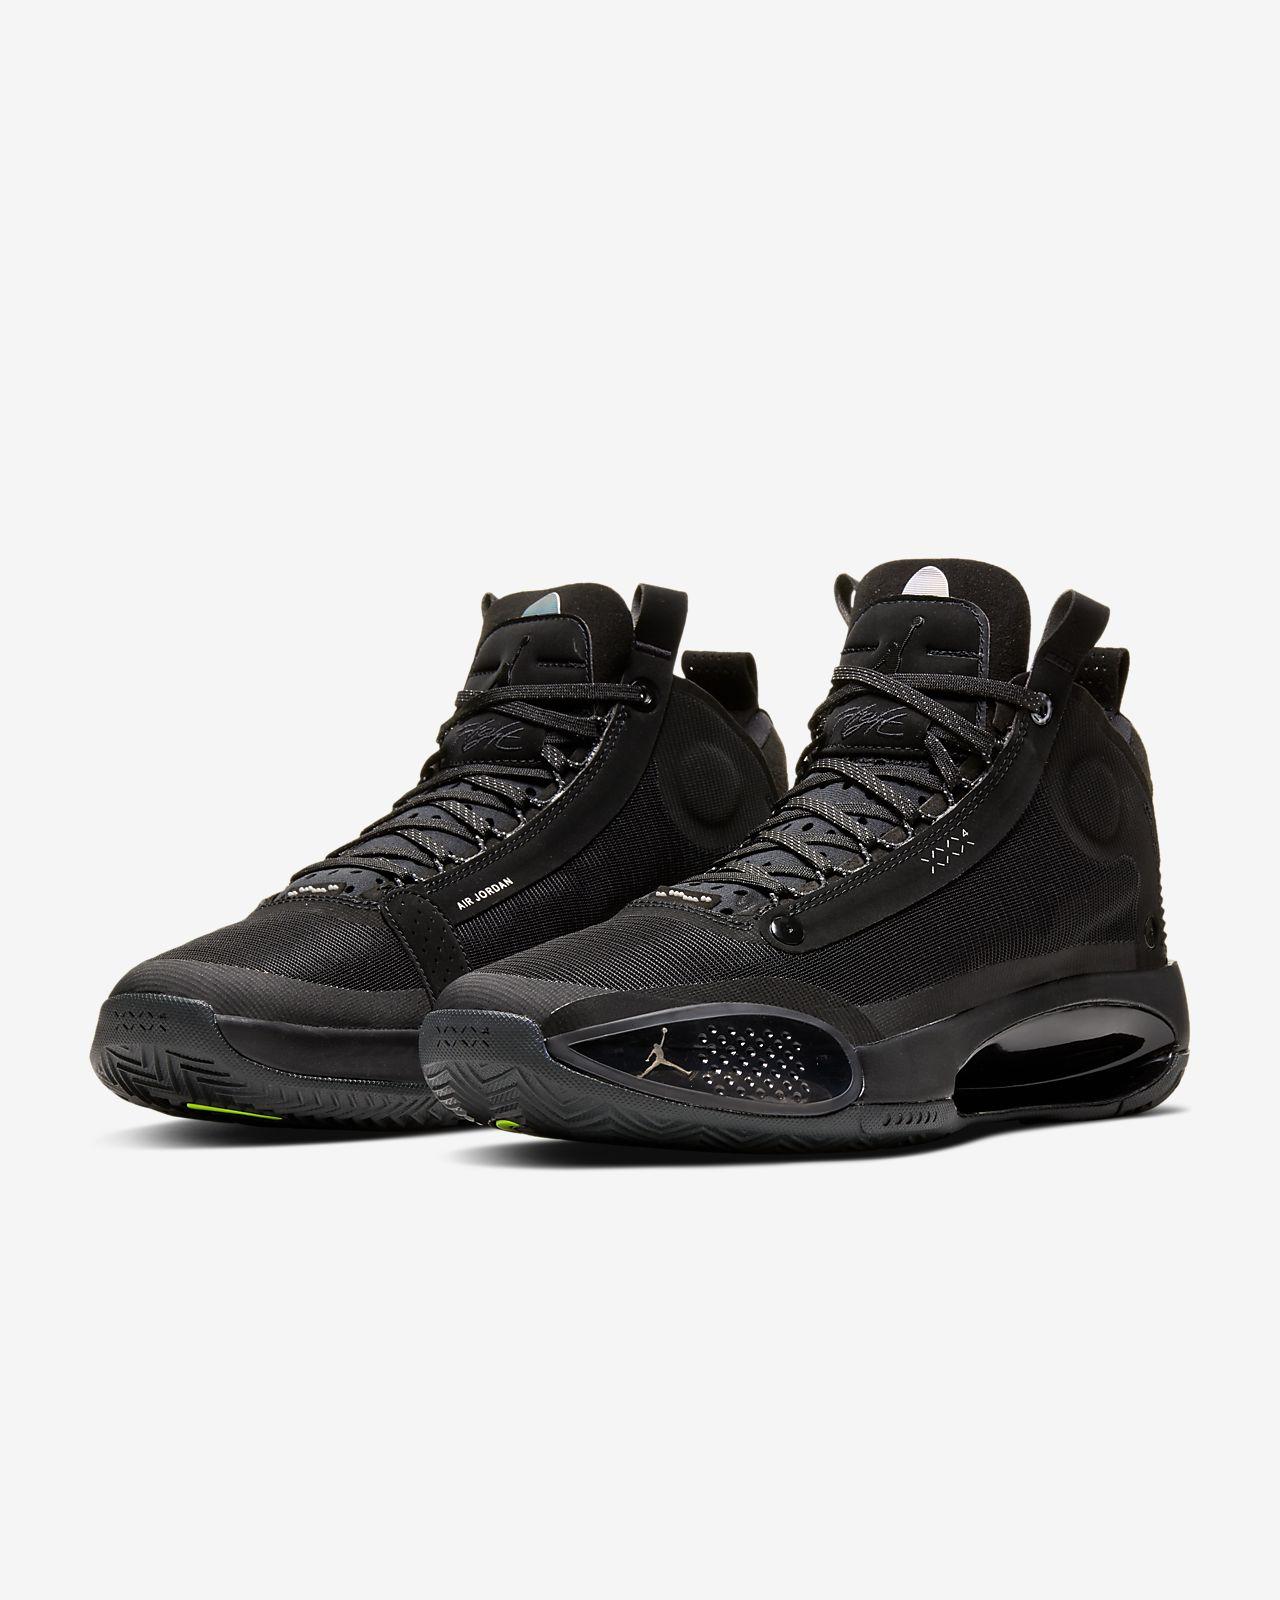 Sapatilhas de basquetebol Air Jordan XXXIV